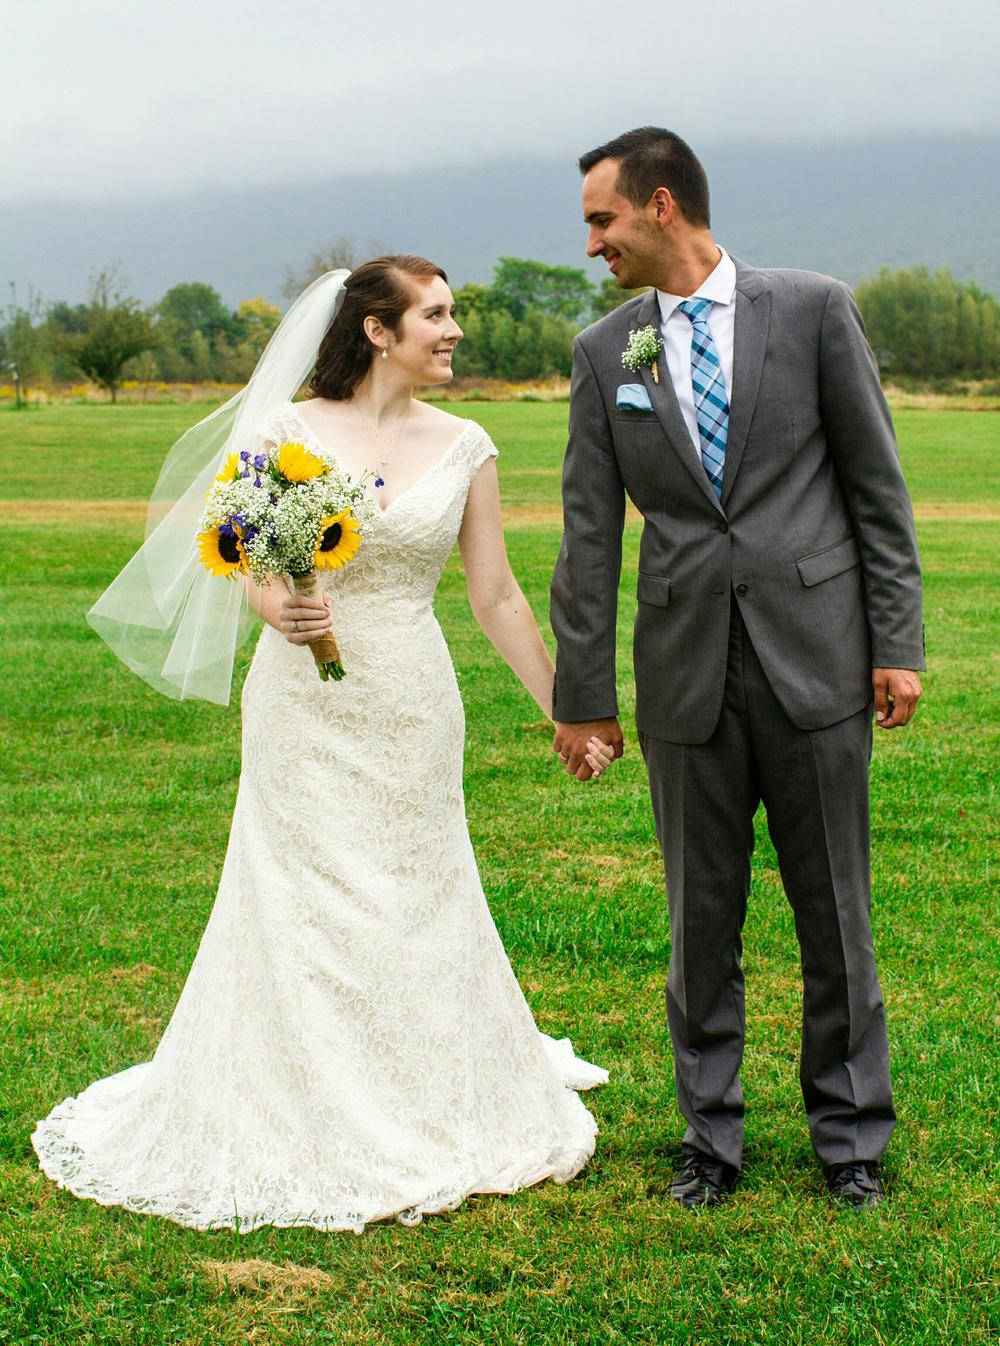 One year anniversary Luray wedding